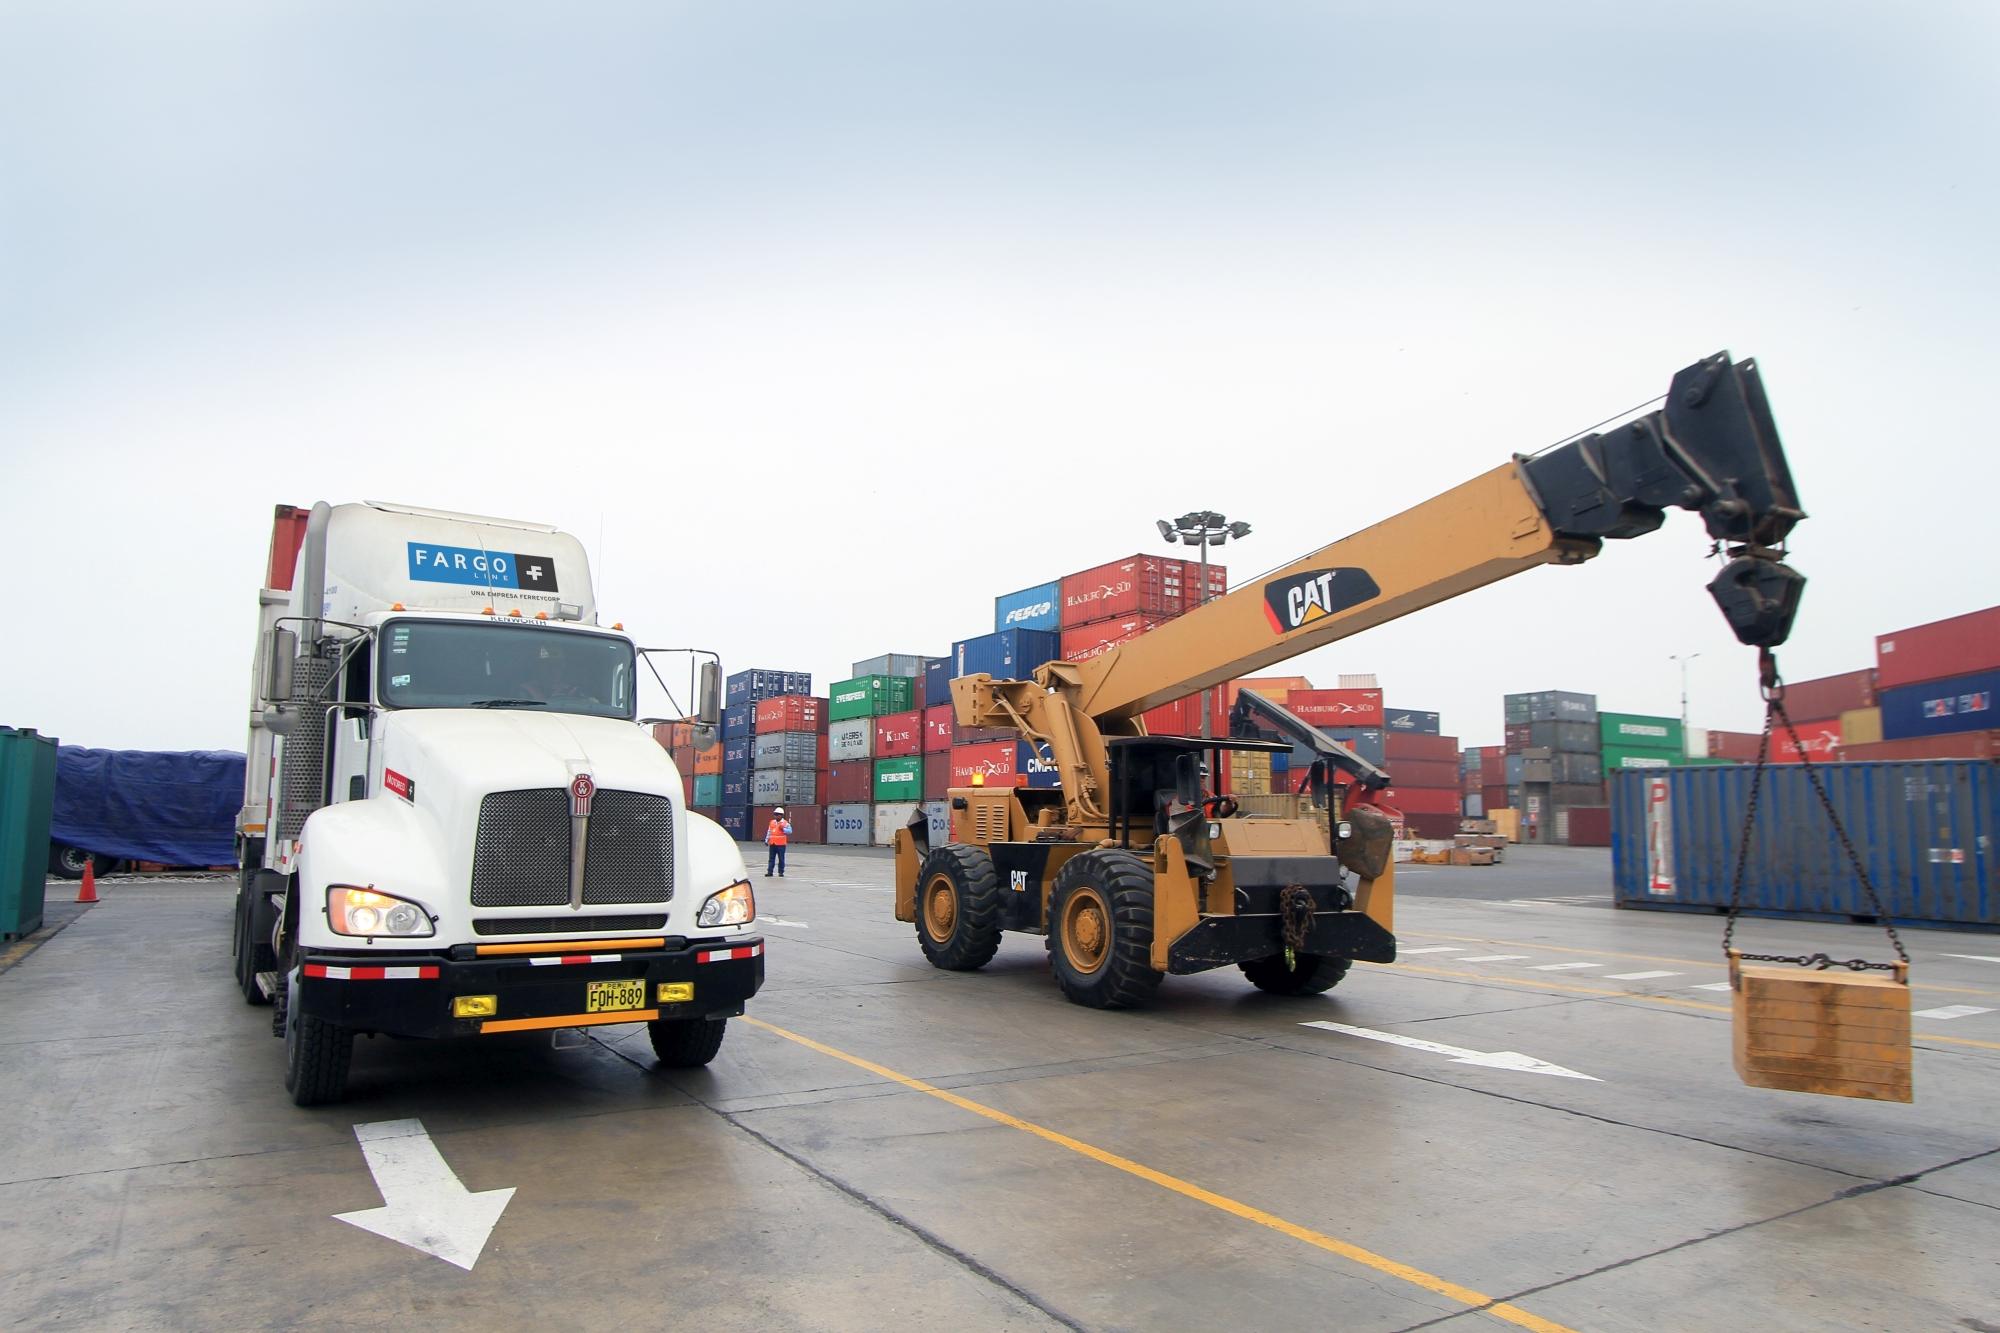 Fargo cumple 35 años de operación logística en el Perú